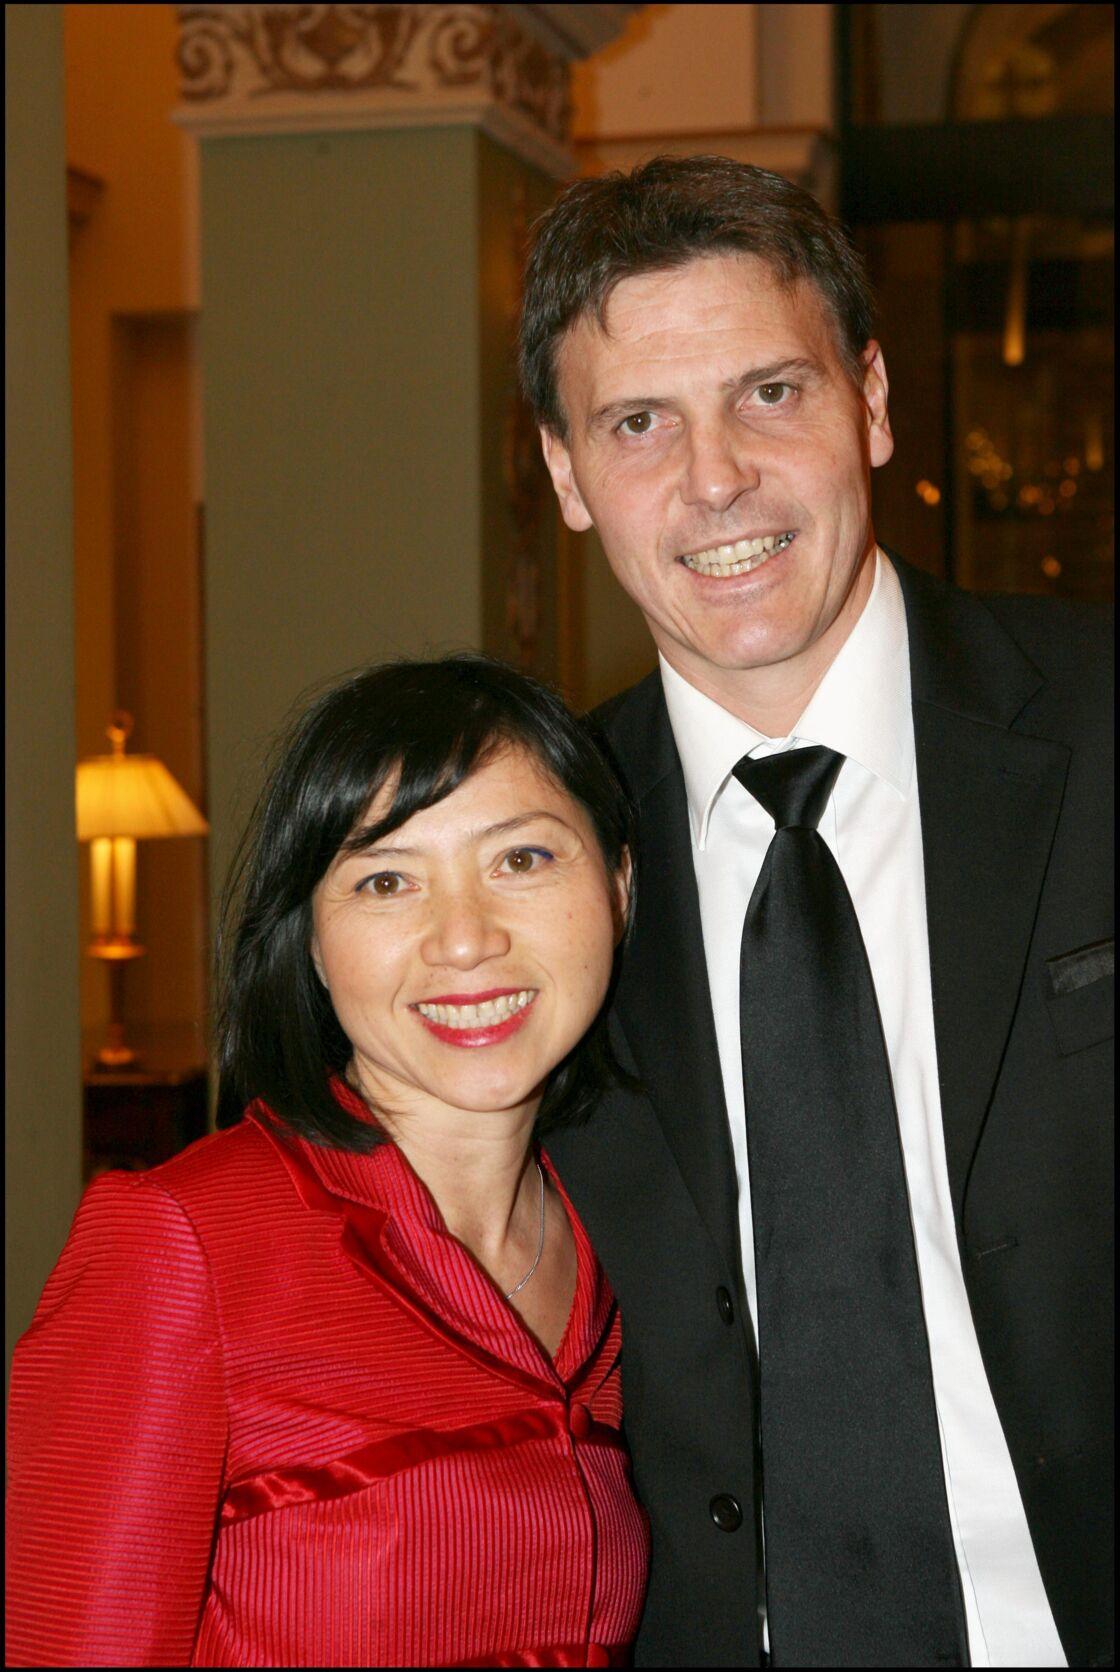 Anh Dao Traxel et son second mari, à Paris, le 11 décembre 2006.